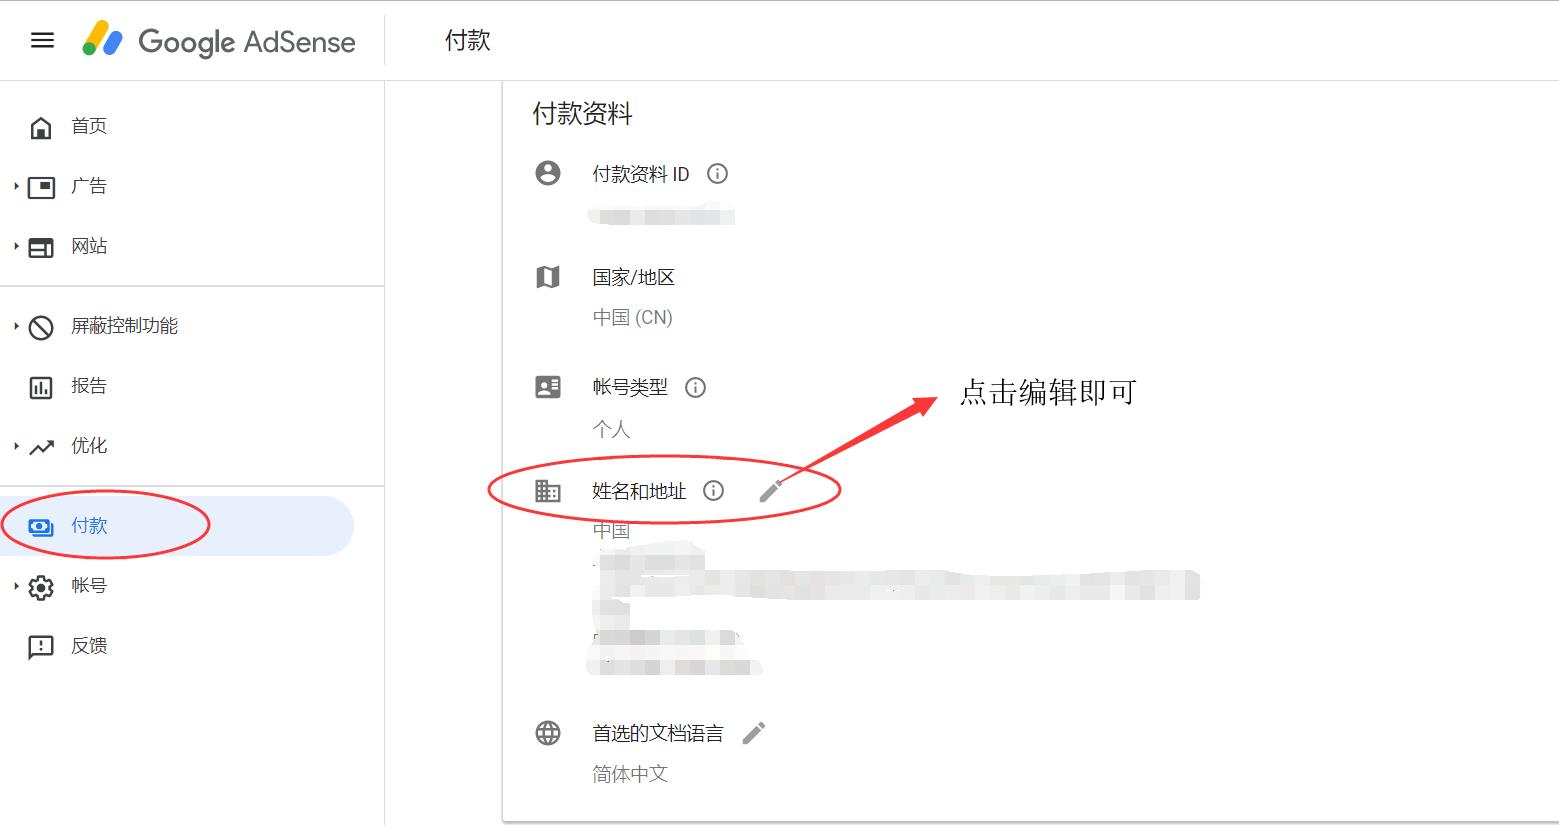 如何让Google Adsense重新邮寄PIN码和修改收件地址